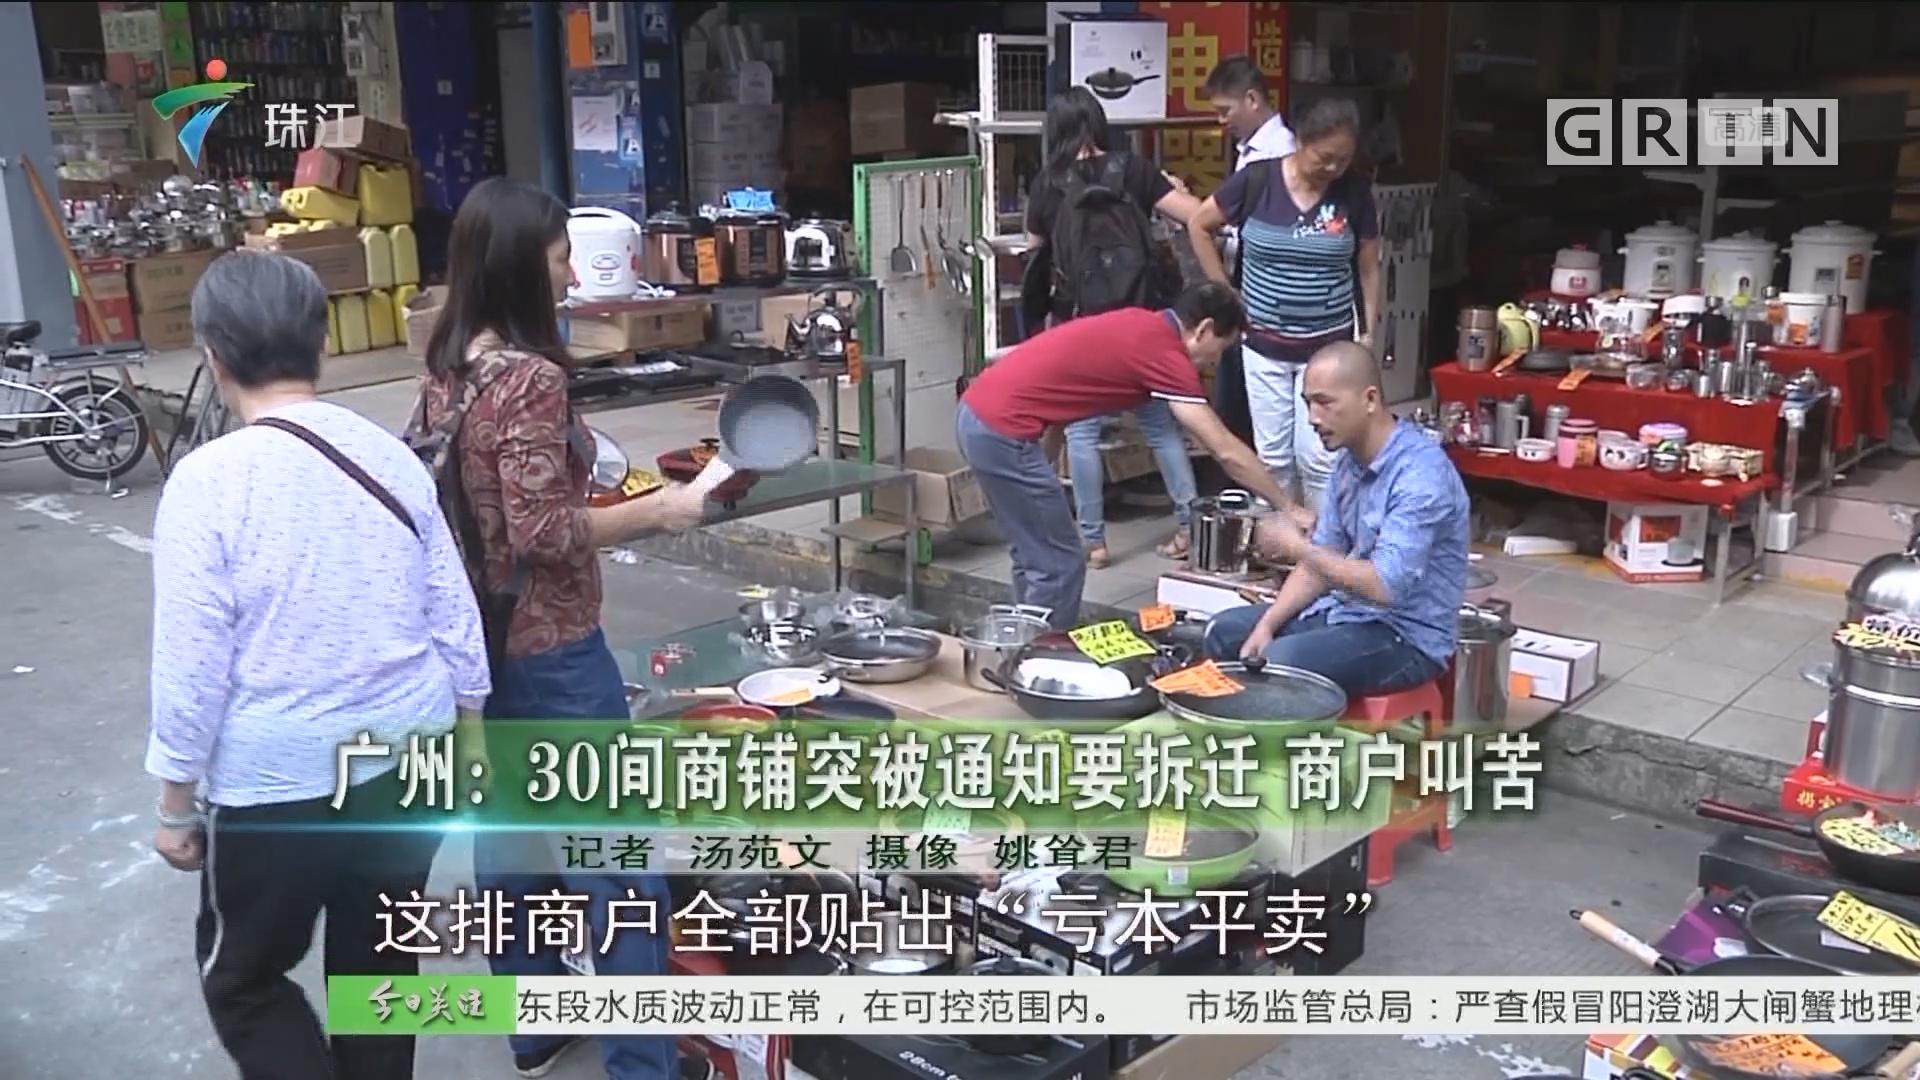 广州:30间商铺突被通知要拆迁 商户叫苦